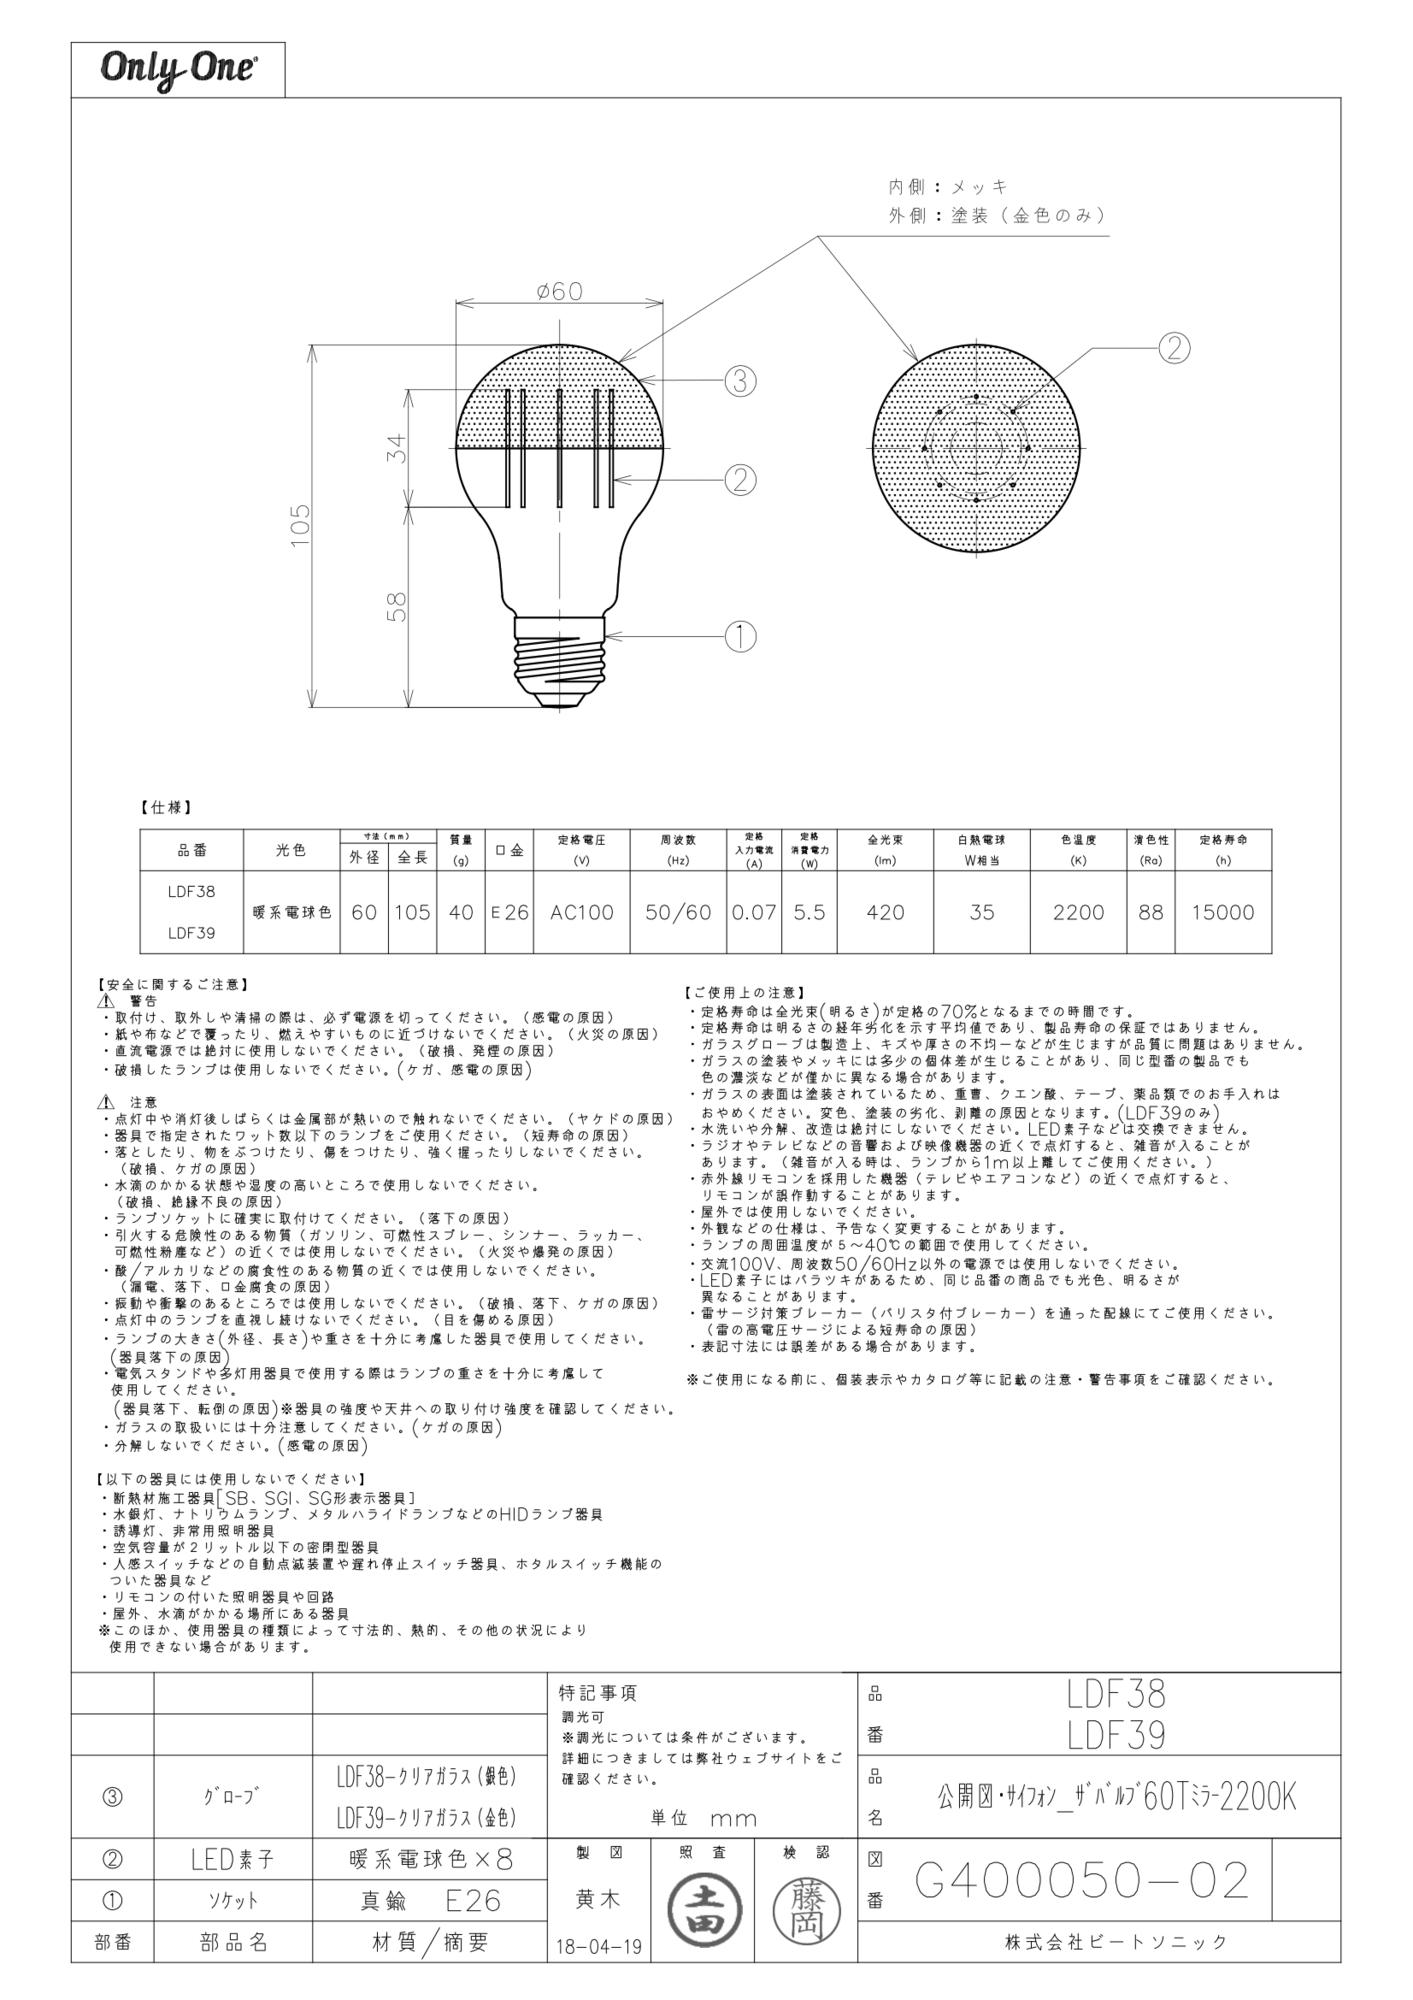 Middle c1136b7412b8c2f43c2d